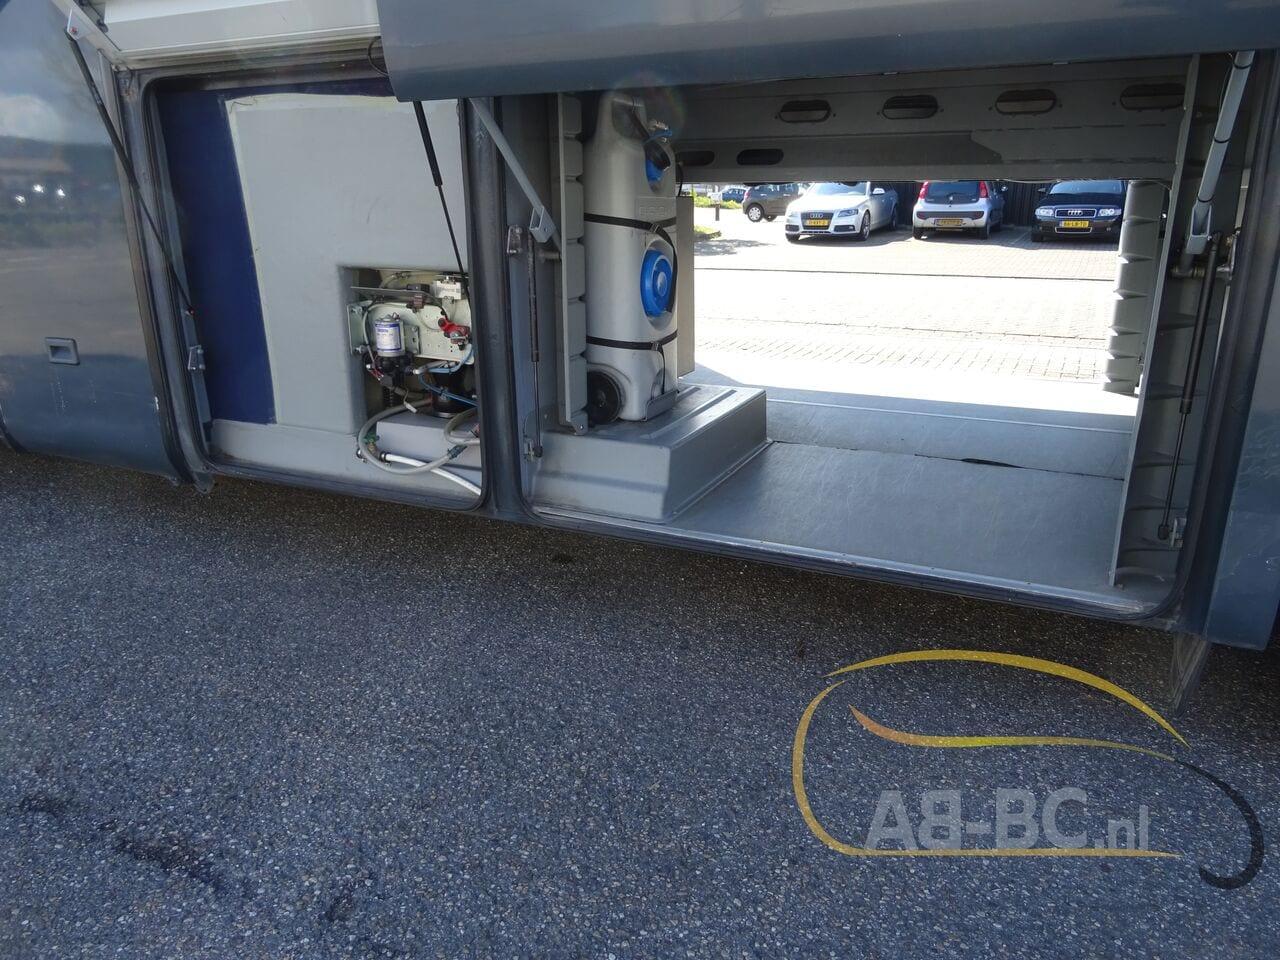 coach-busSETRA-S415-GT-HD-FINAL-EDITION-51-SEATS-LIFTBUS---1620381691616075451_big_81b7516f393bee50c2cd3d1713120791--21050713010665719300